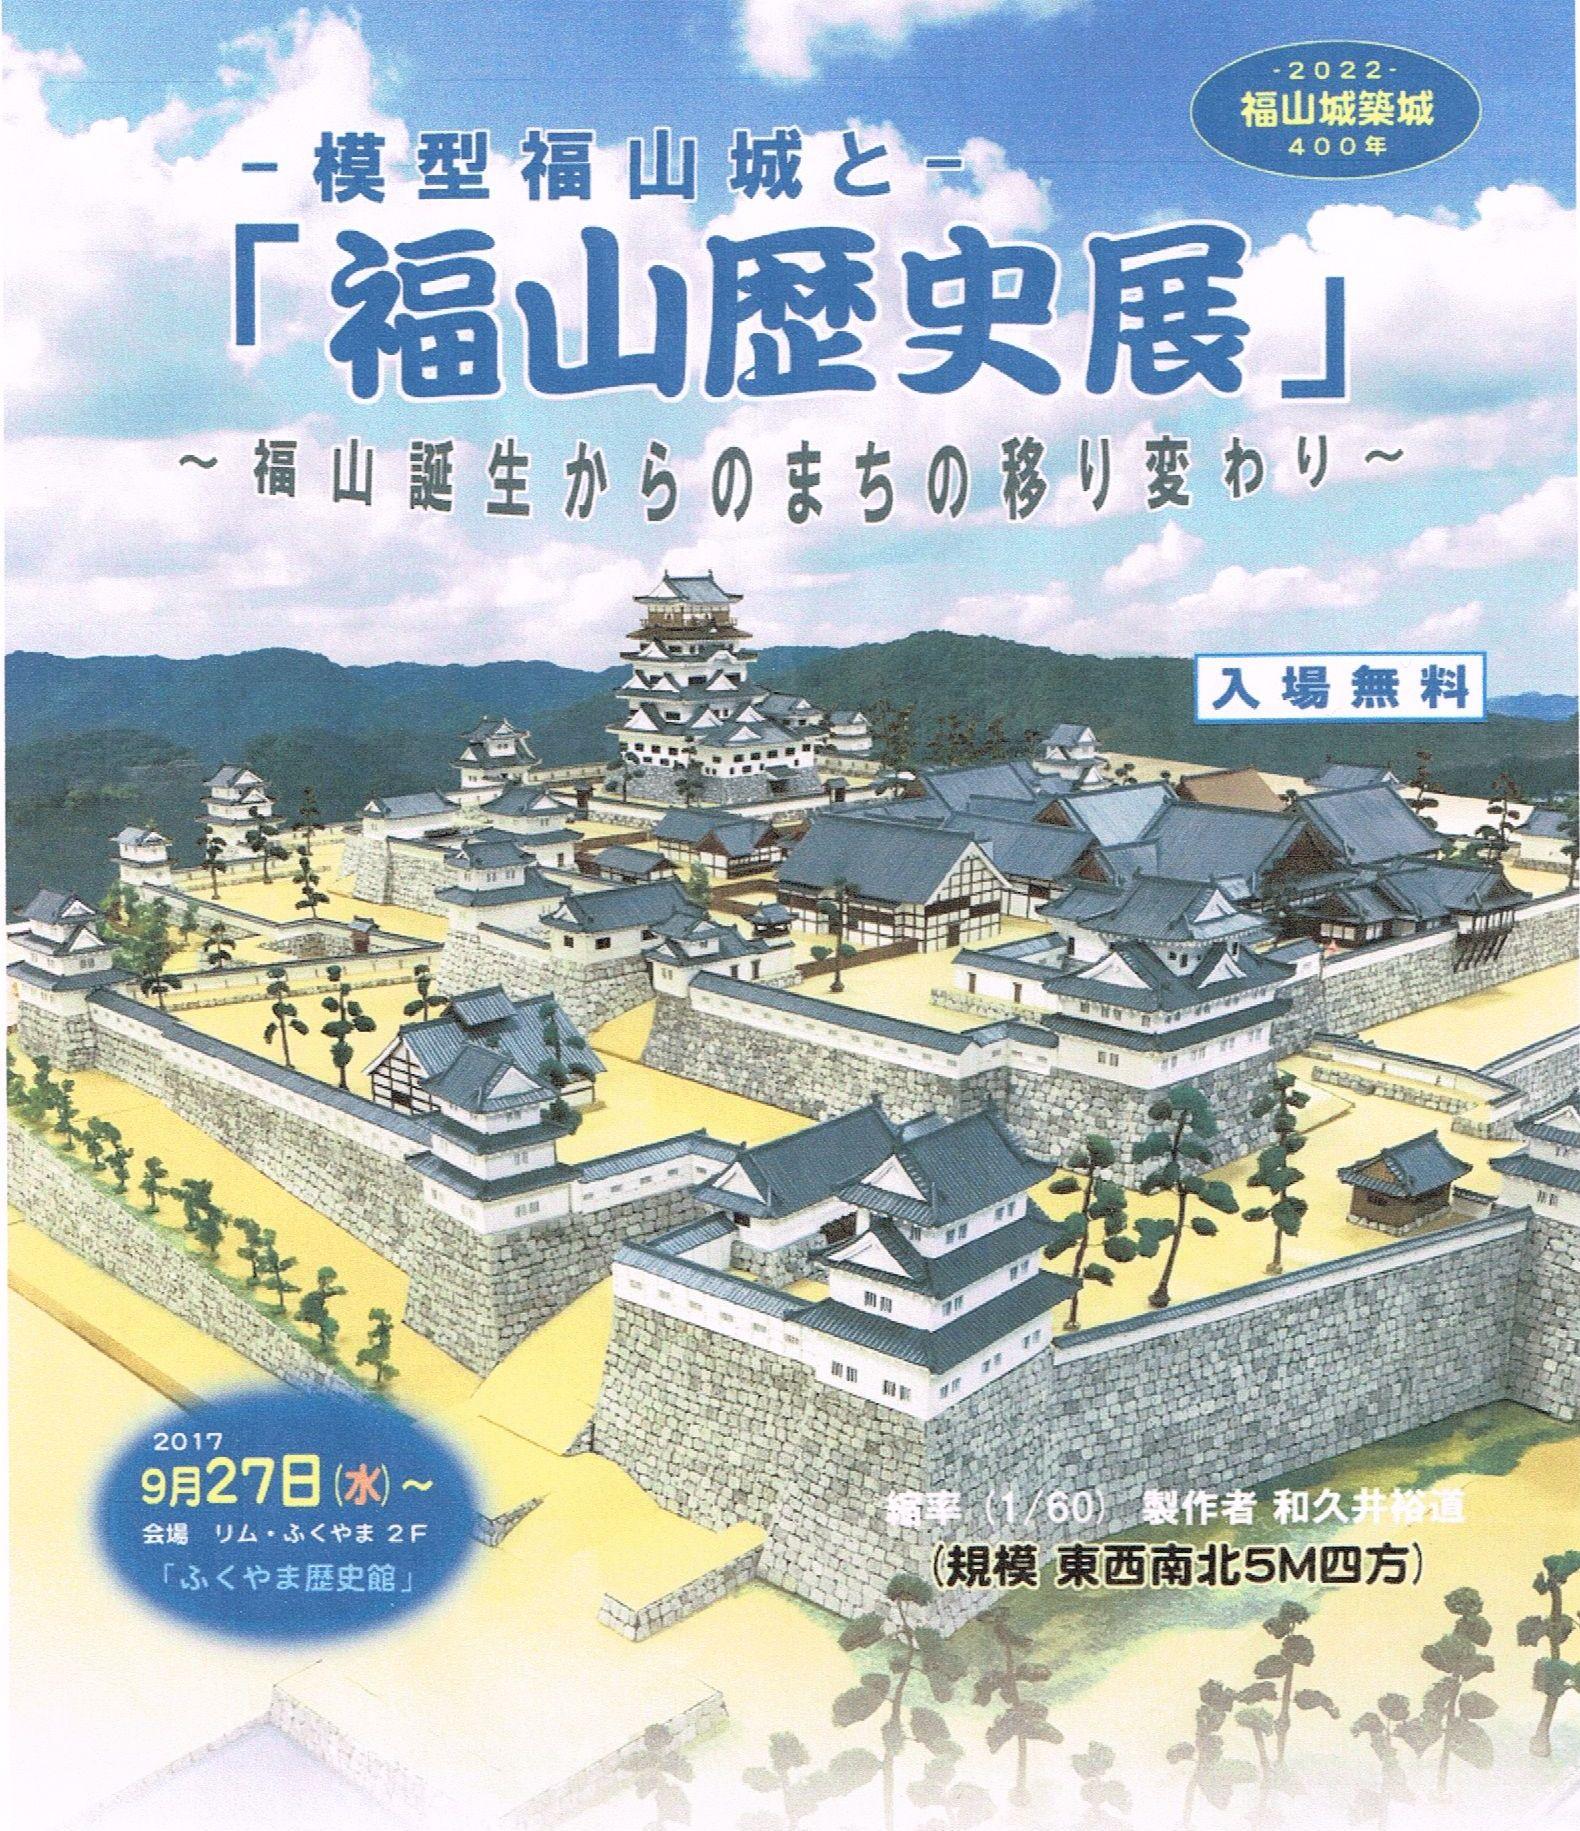 リムふくやま2F特設会場の巨大福山城模型 新聞記事